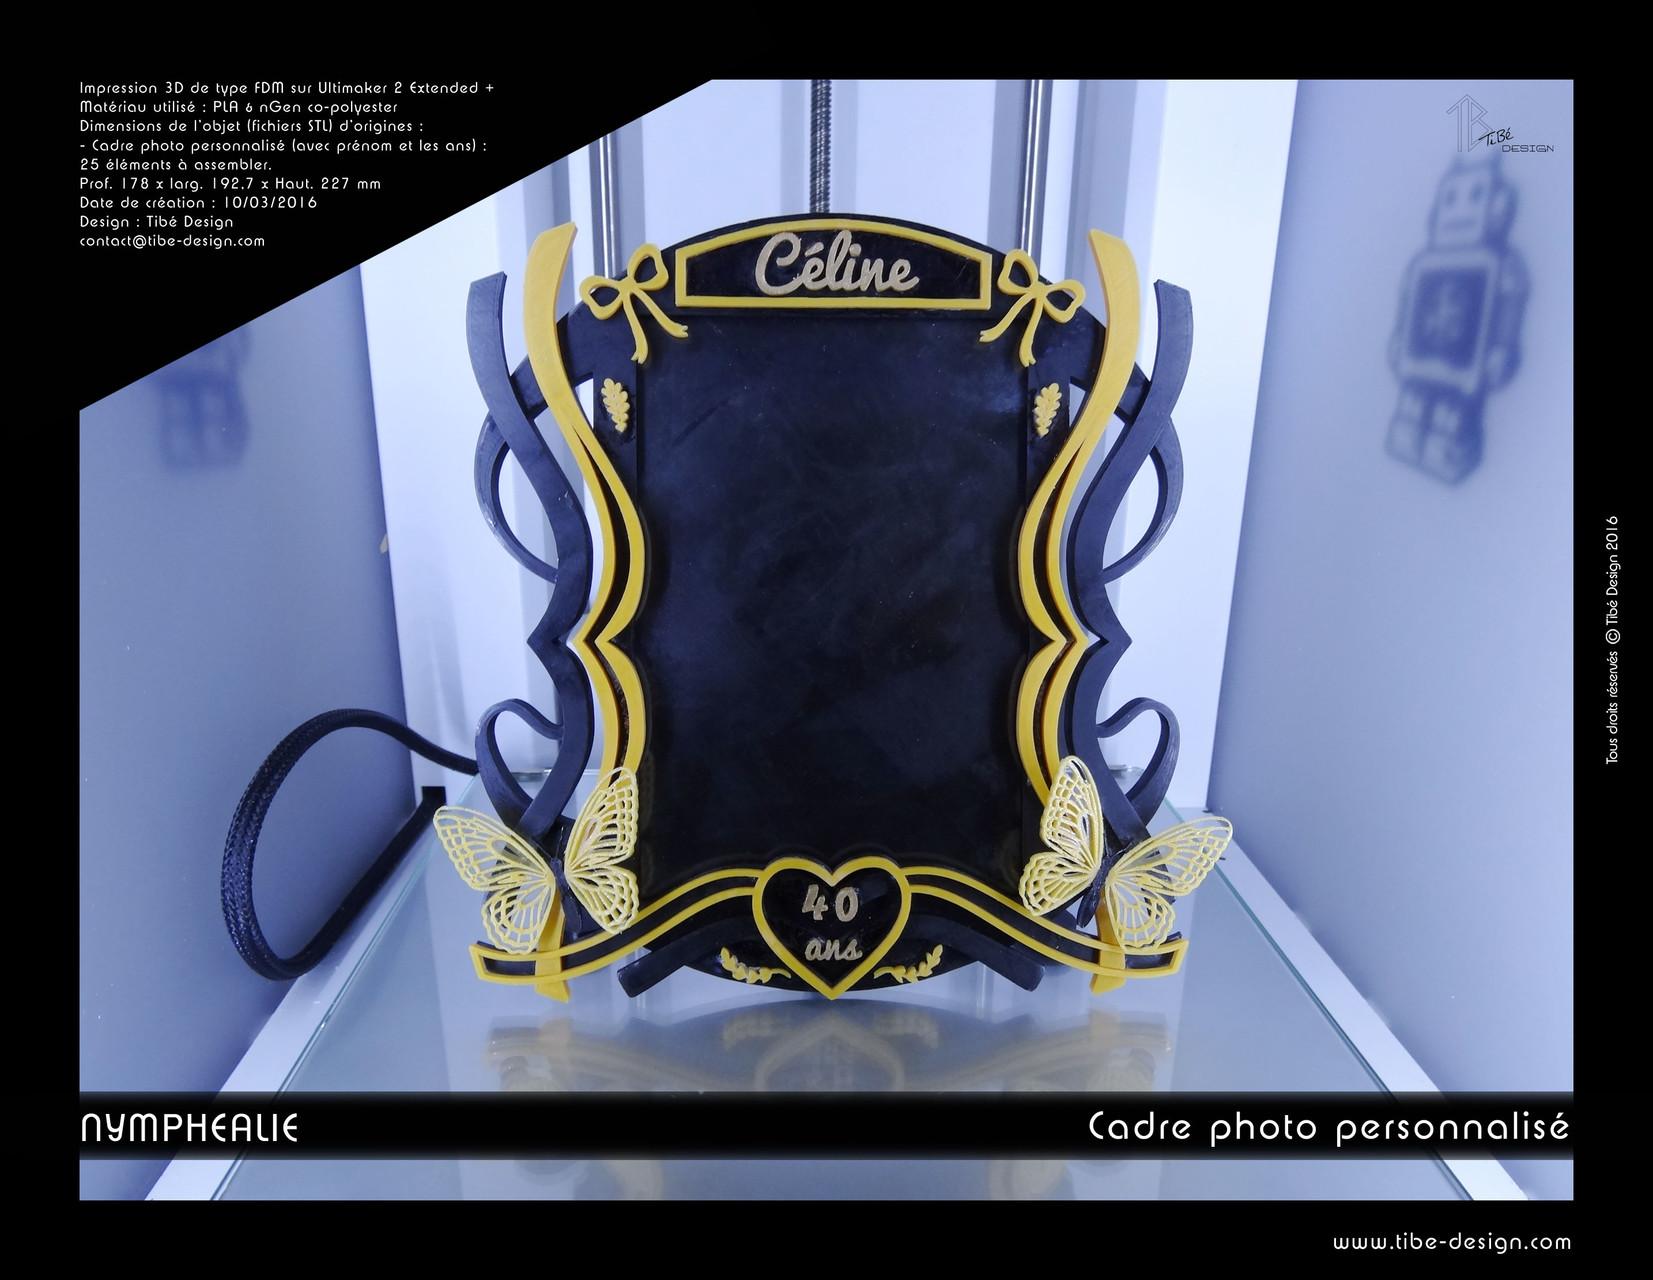 Cadre photo personnalisé print 3D design Nymphéalie